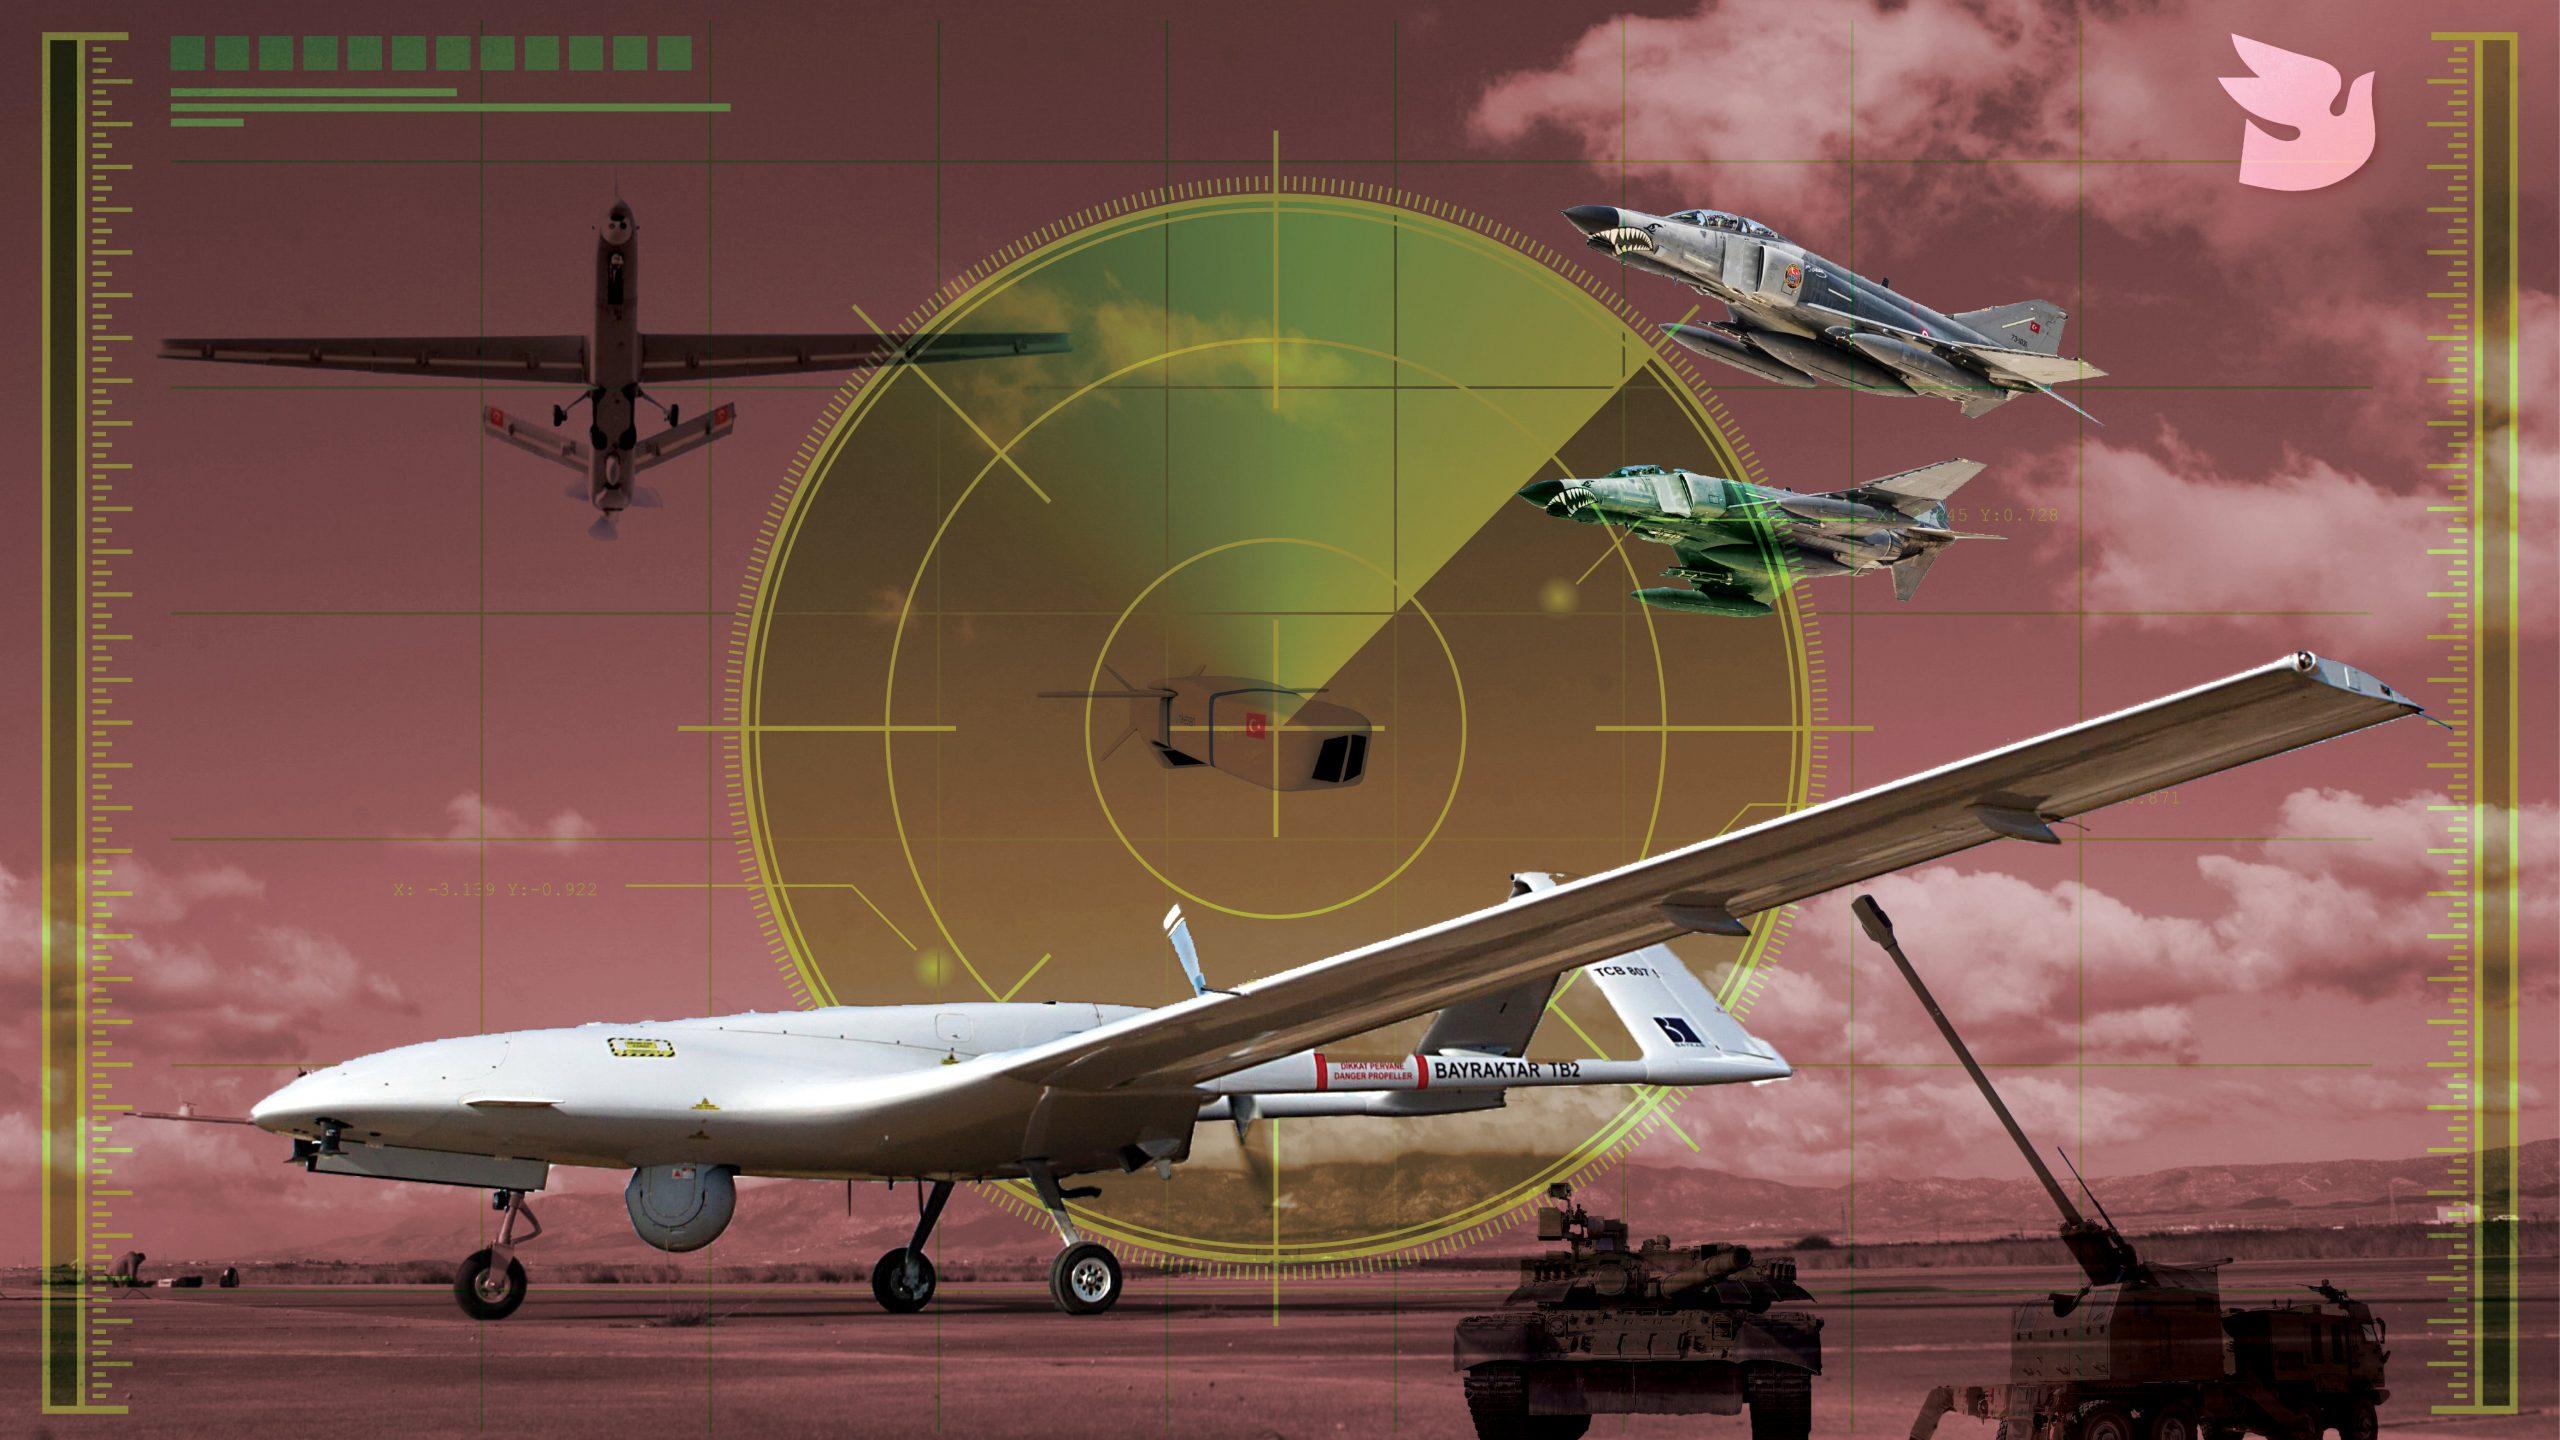 Πώς θα ήταν μια σύγκρουση τύπου Ναγκόρνο-Καραμπάχ με drones στην Κύπρο;